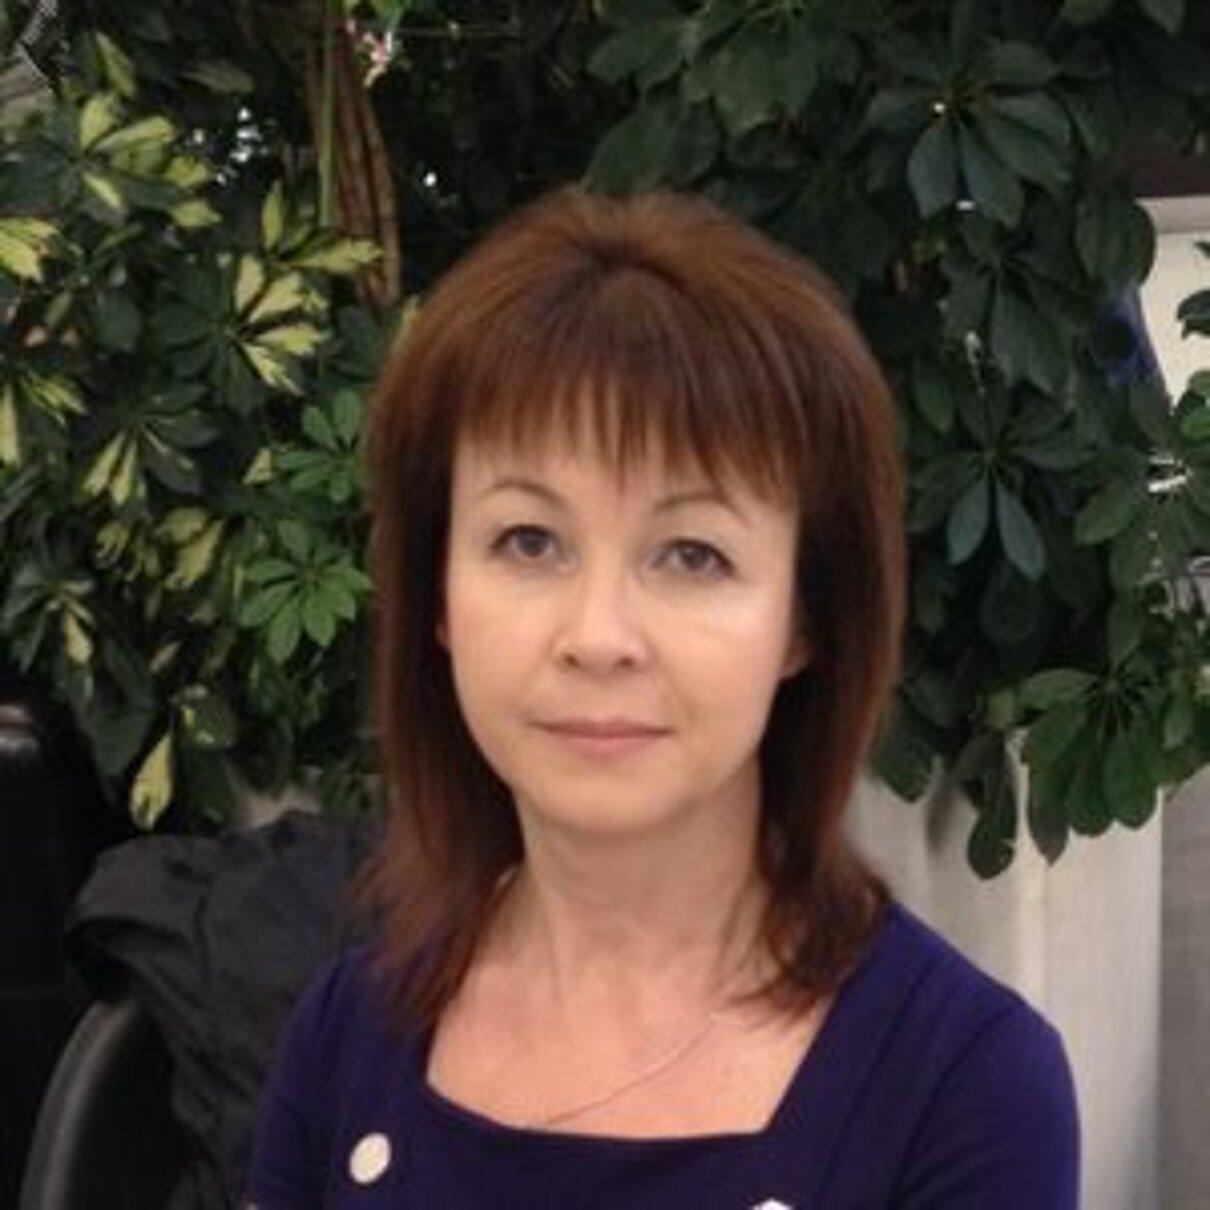 Жалоба-отзыв: Трубицына Марина Адольфовна! Мошенница, воровка, клофелинщица, аферистка - Мошенницы, воровки, клофелищицы, аферистки. Вымогательницы.  Фото №1